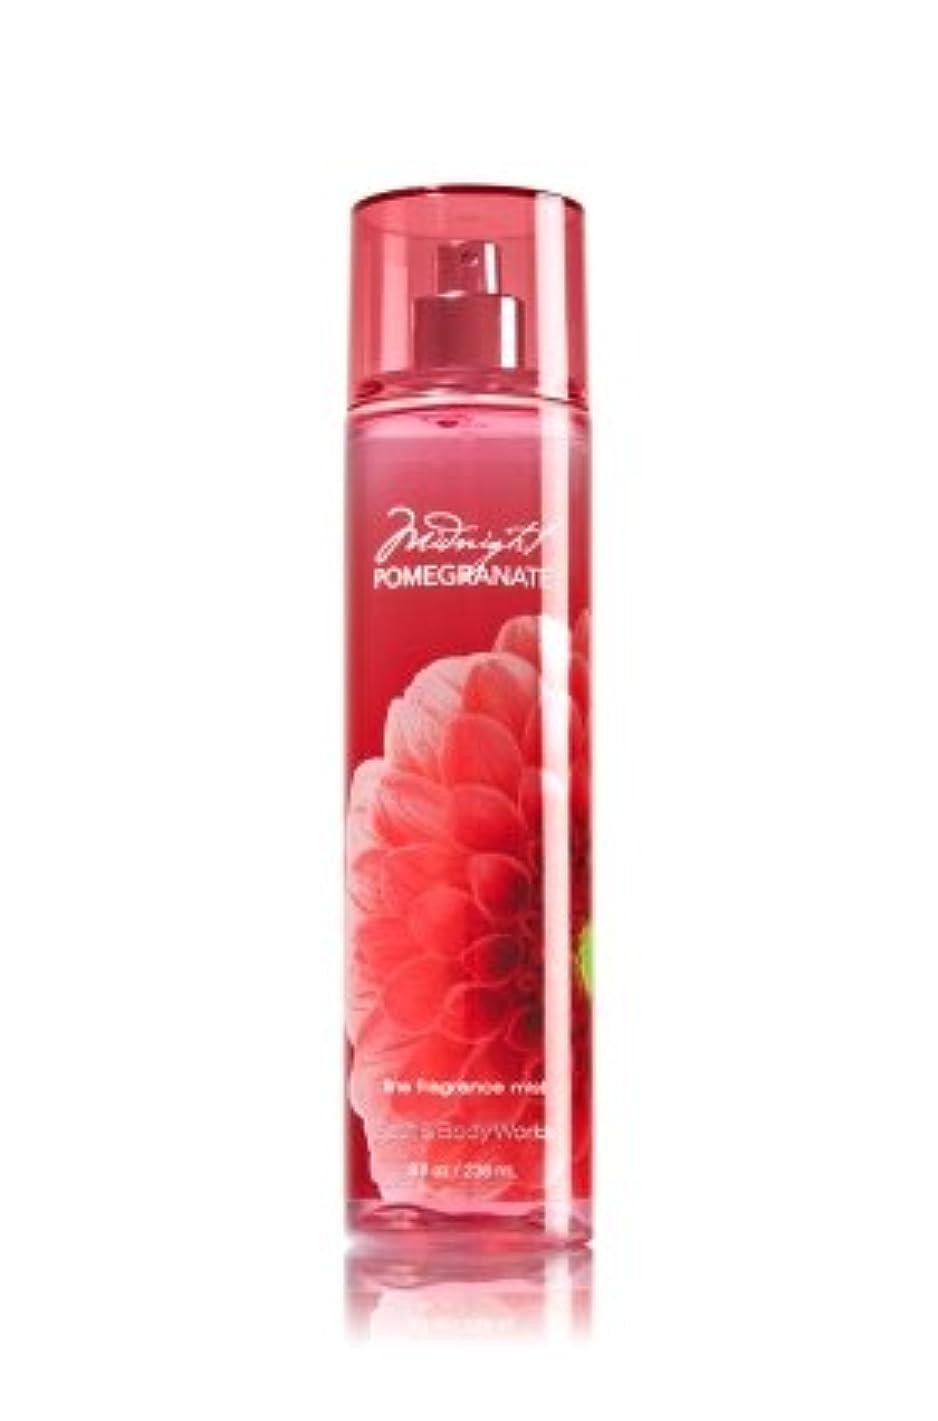 少ないずっと彼らのもの【Bath&Body Works/バス&ボディワークス】 ファインフレグランスミスト ミッドナイトポメグラネート Fine Fragrance Mist Midnight Pomegranate 8oz (236ml)...